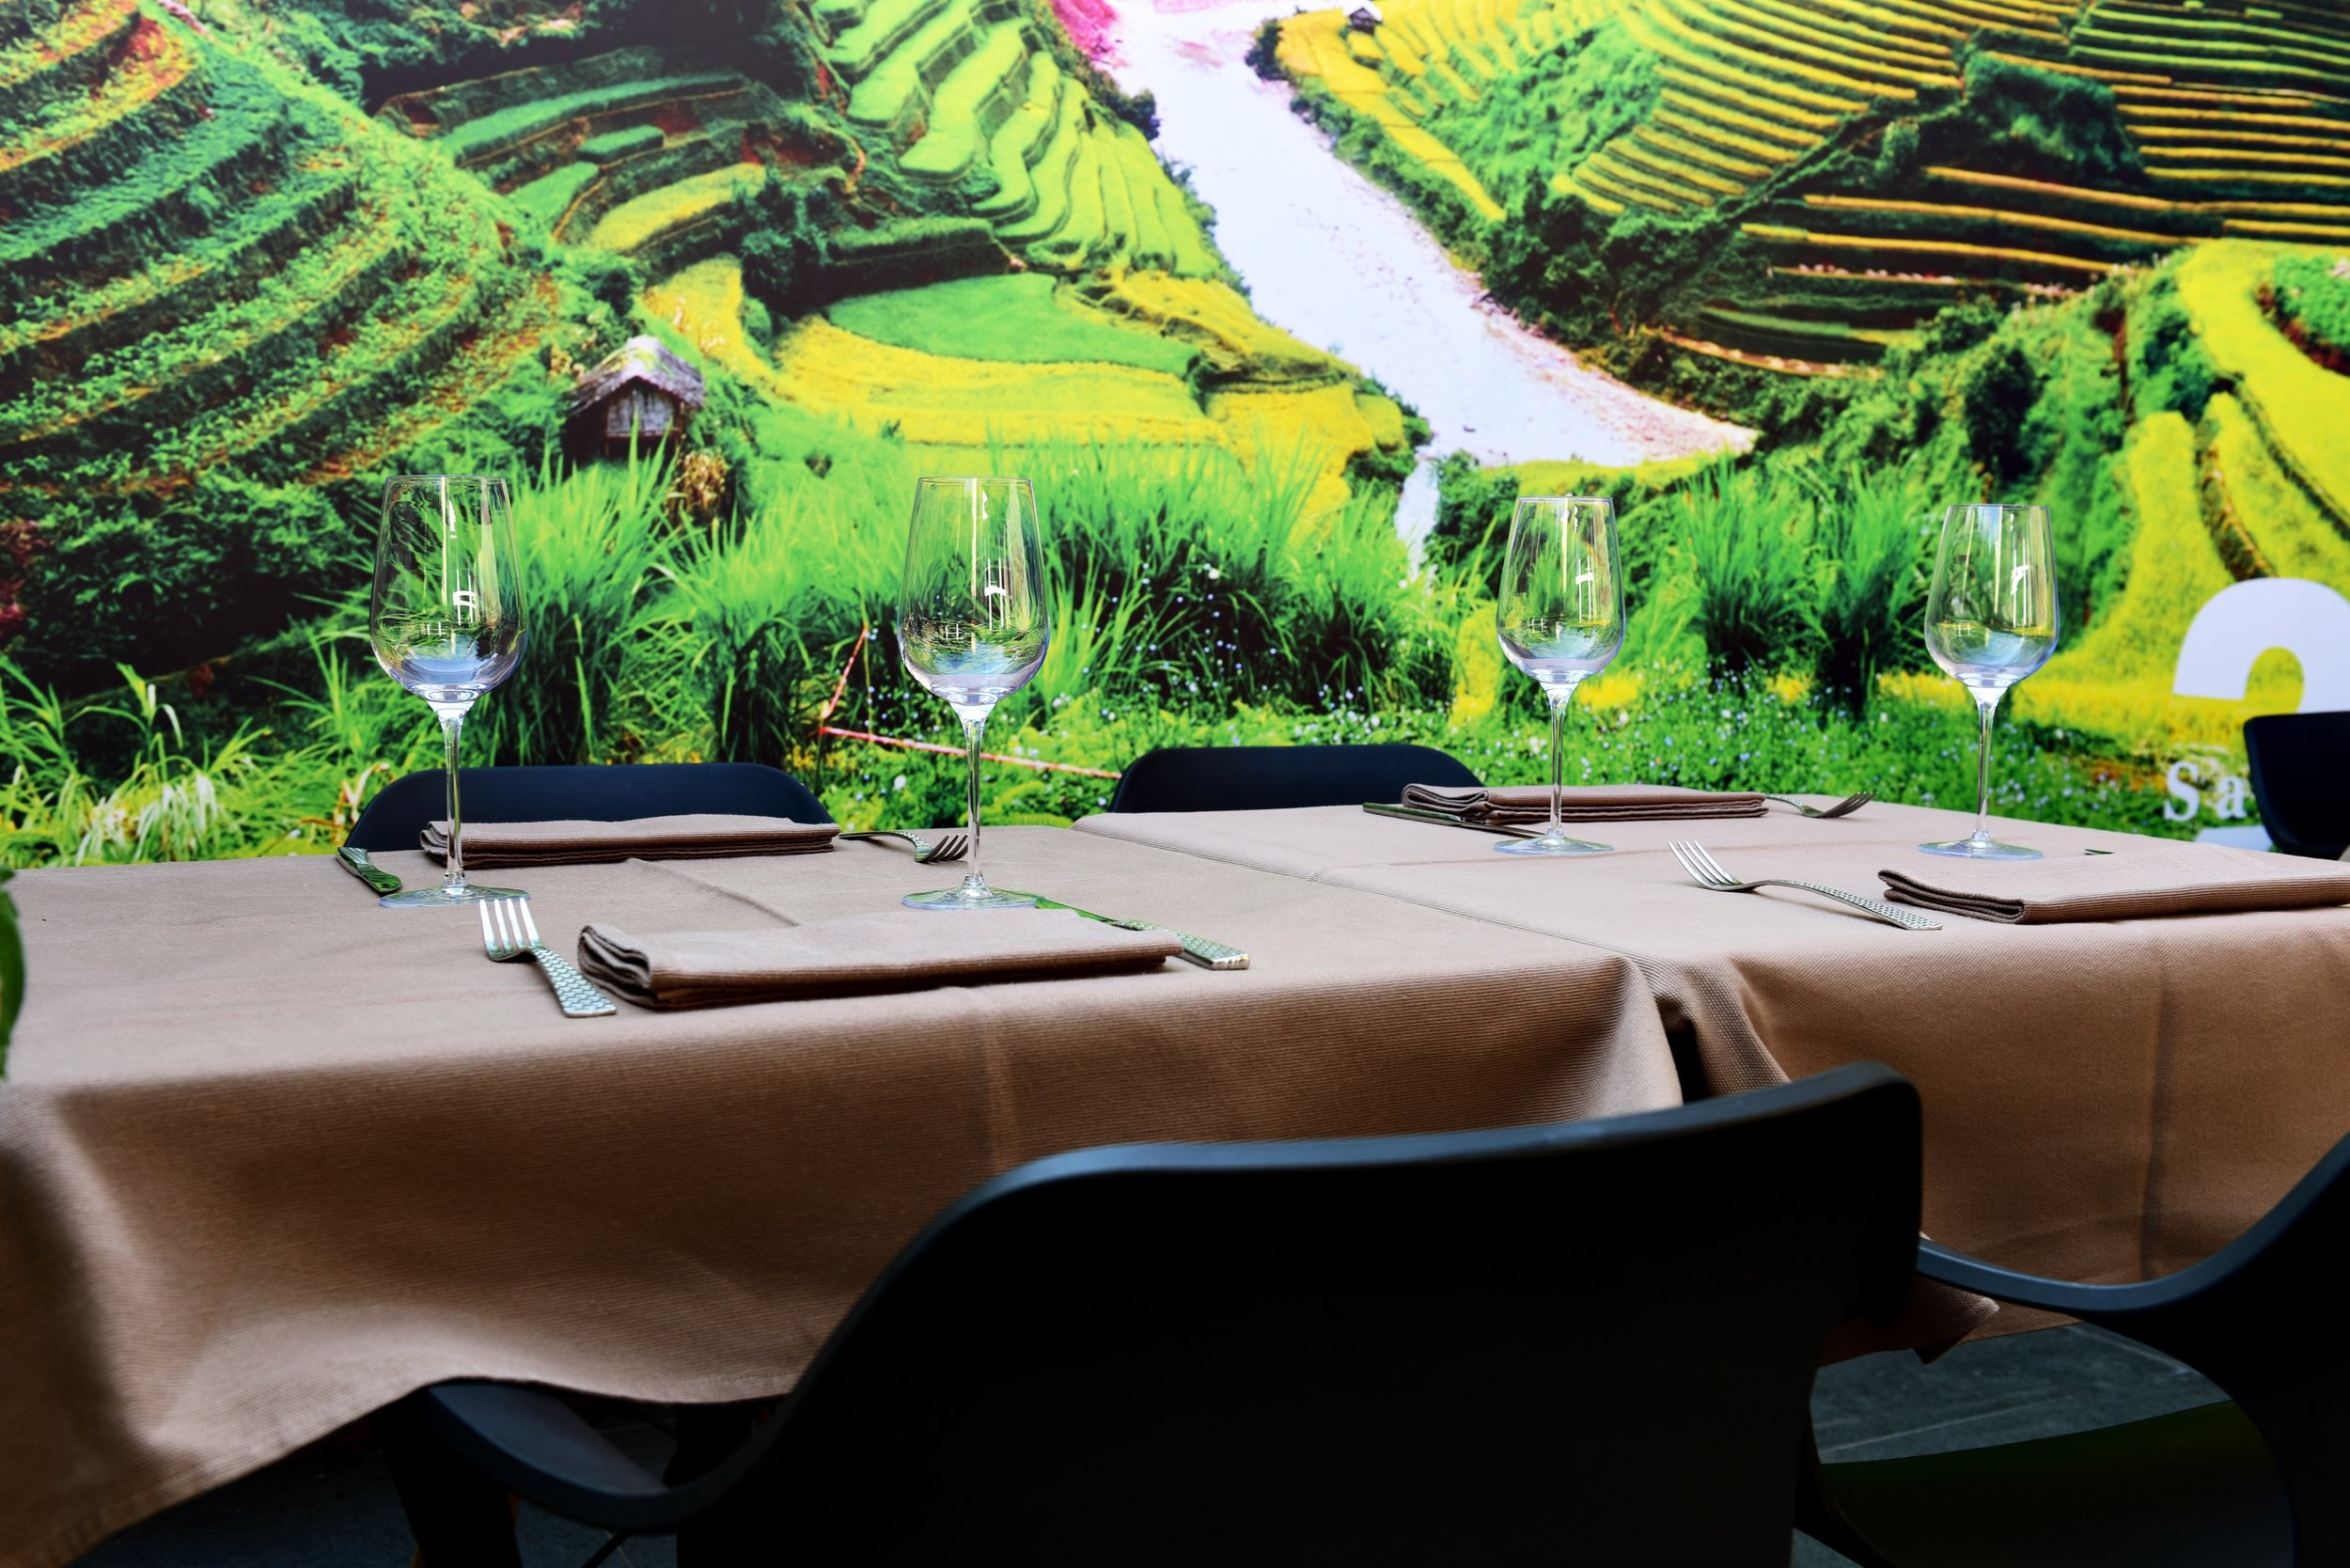 6 restaurant sable 2 grembergen dendermonde bart albrecht tablefever.jpg